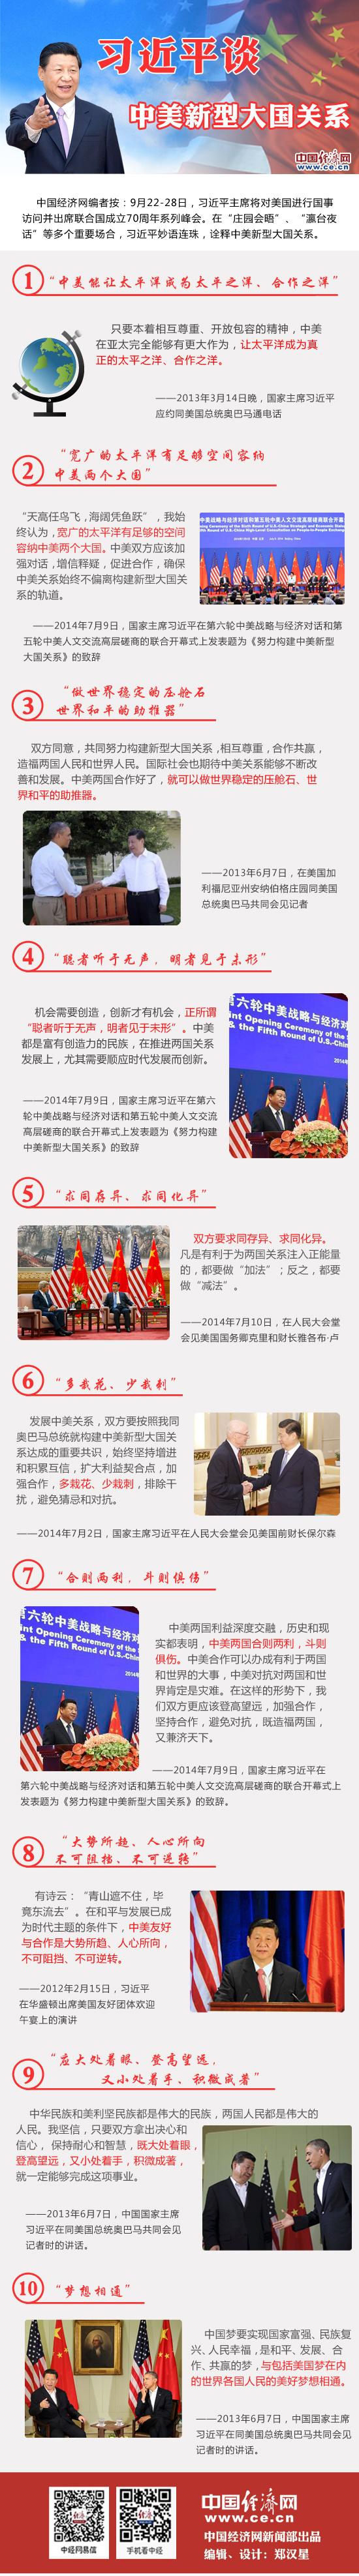 图解:习近平十大妙语论中美新型大国关系